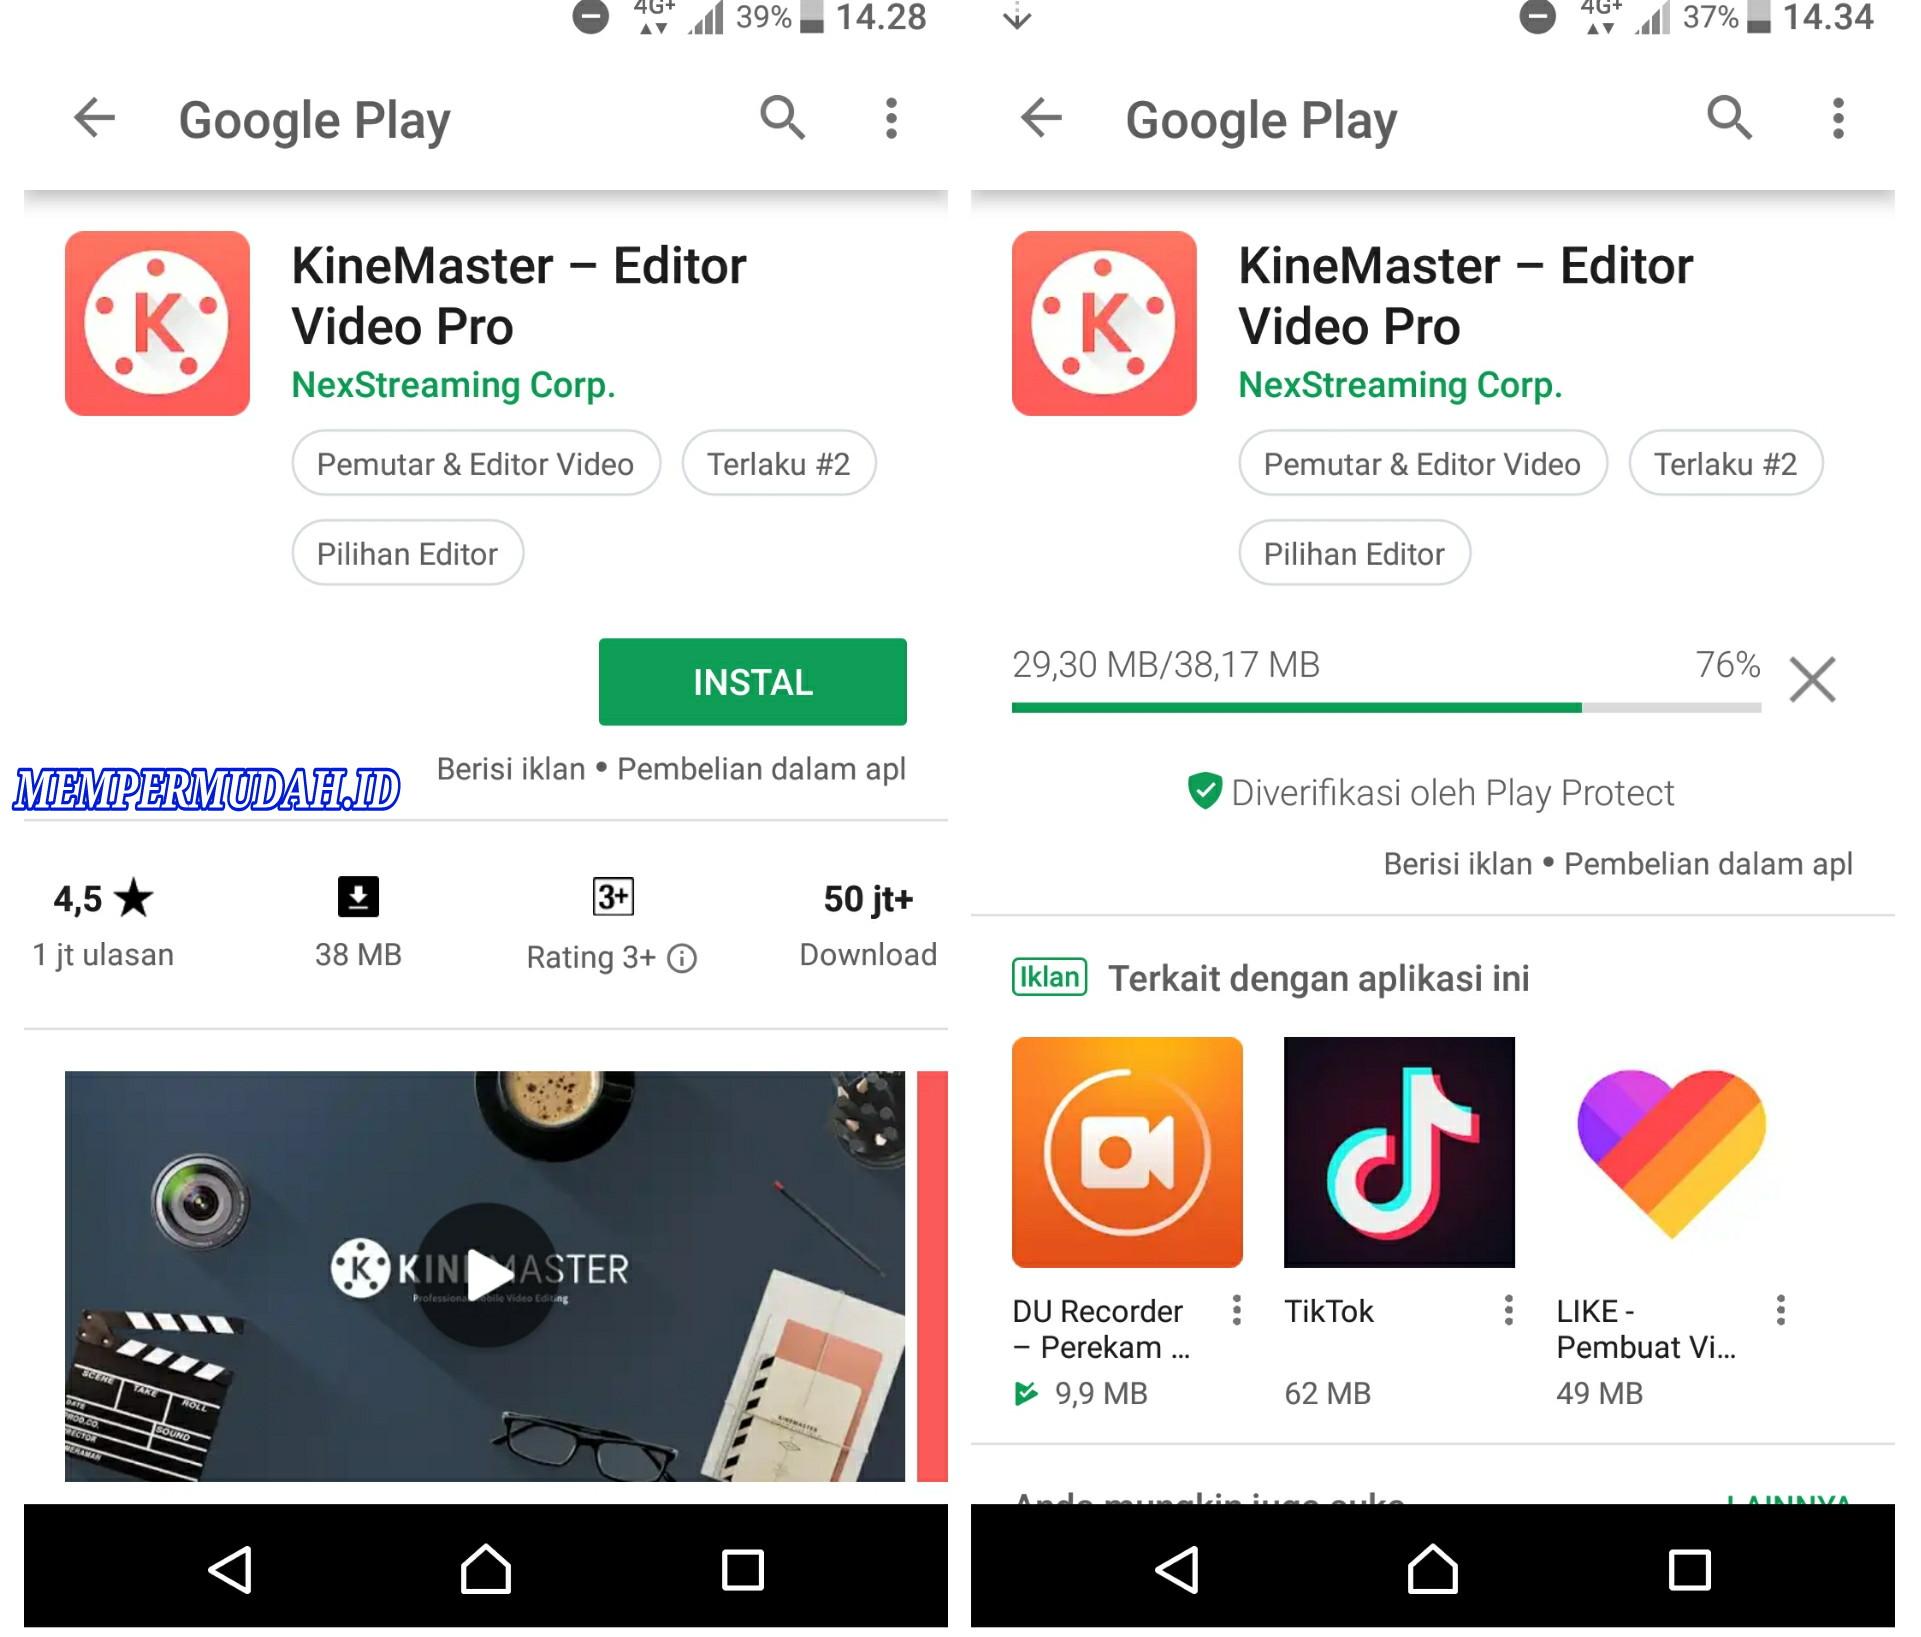 Cara Memasukan Video Kecil Ke Dalam Video Di Hp Android Mempermudah Id Mempermudah Id